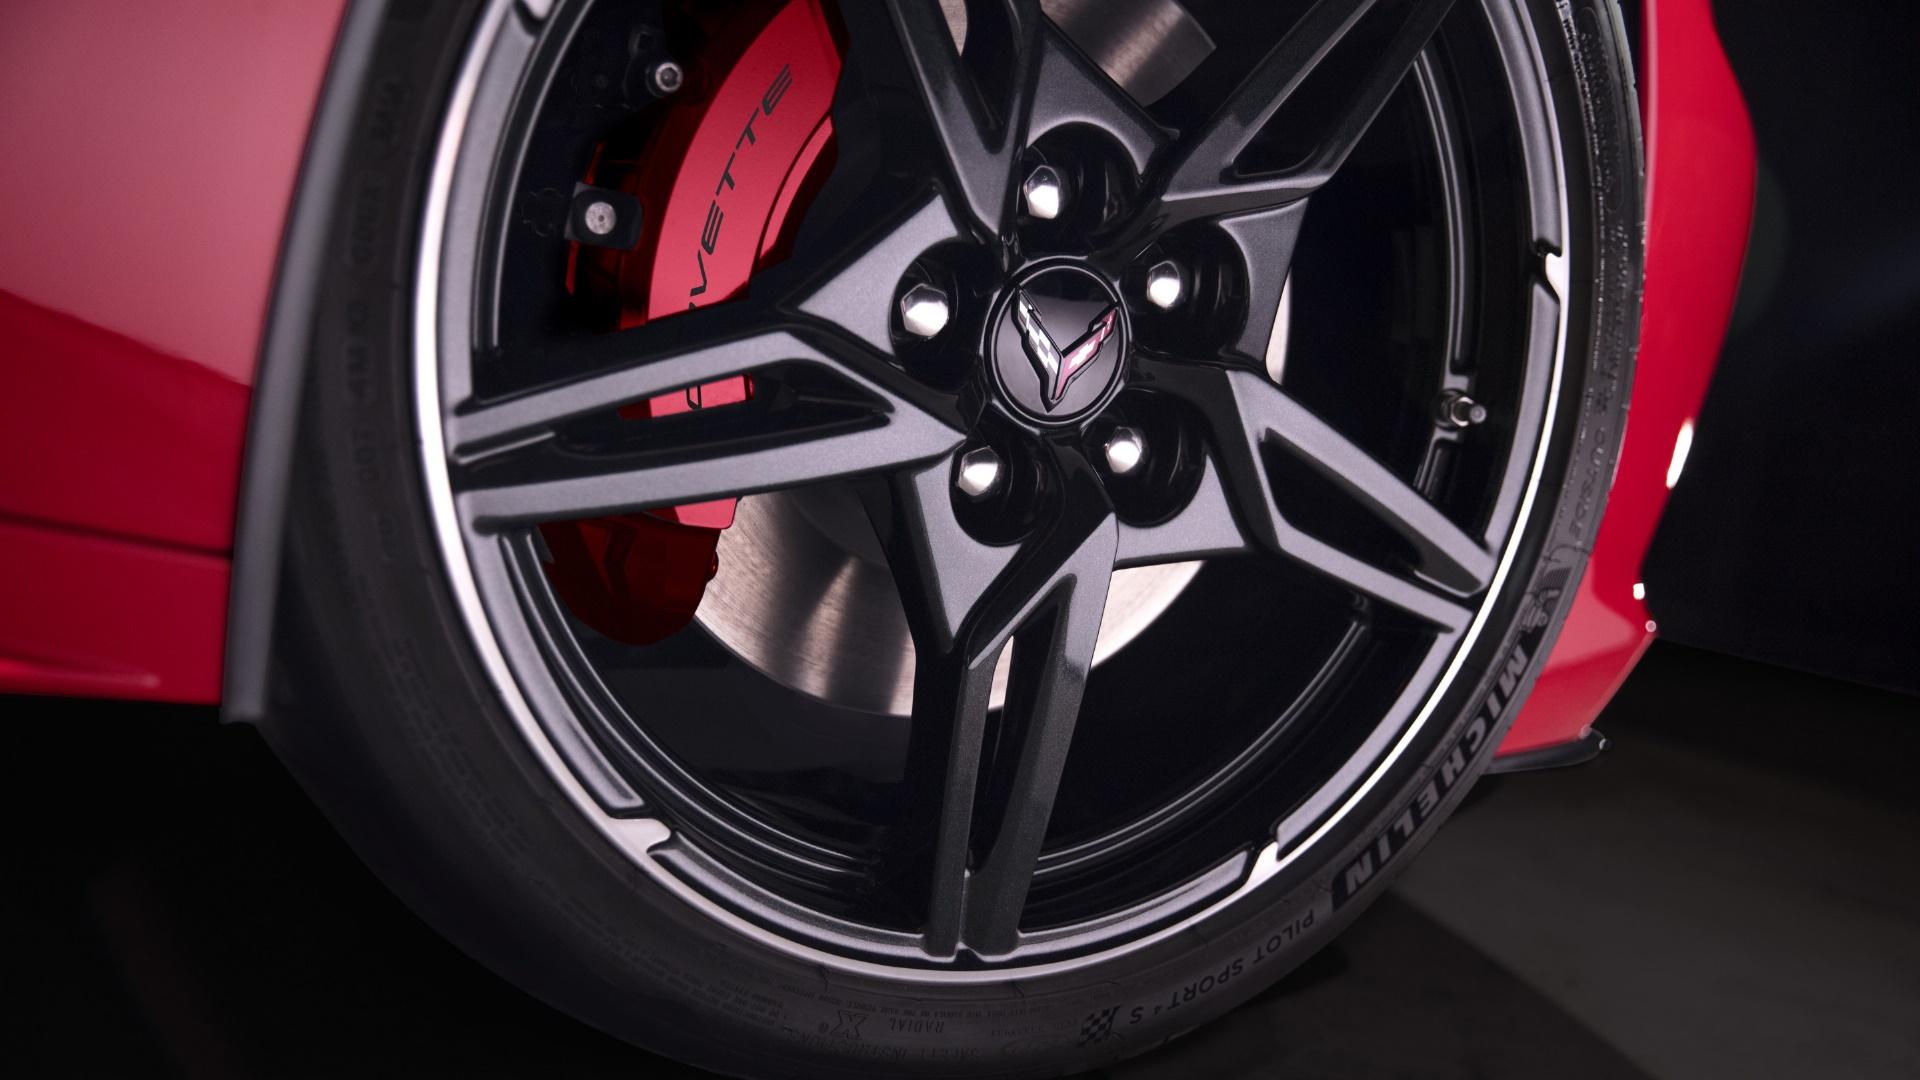 C8 Corvette Wheel wallpaper